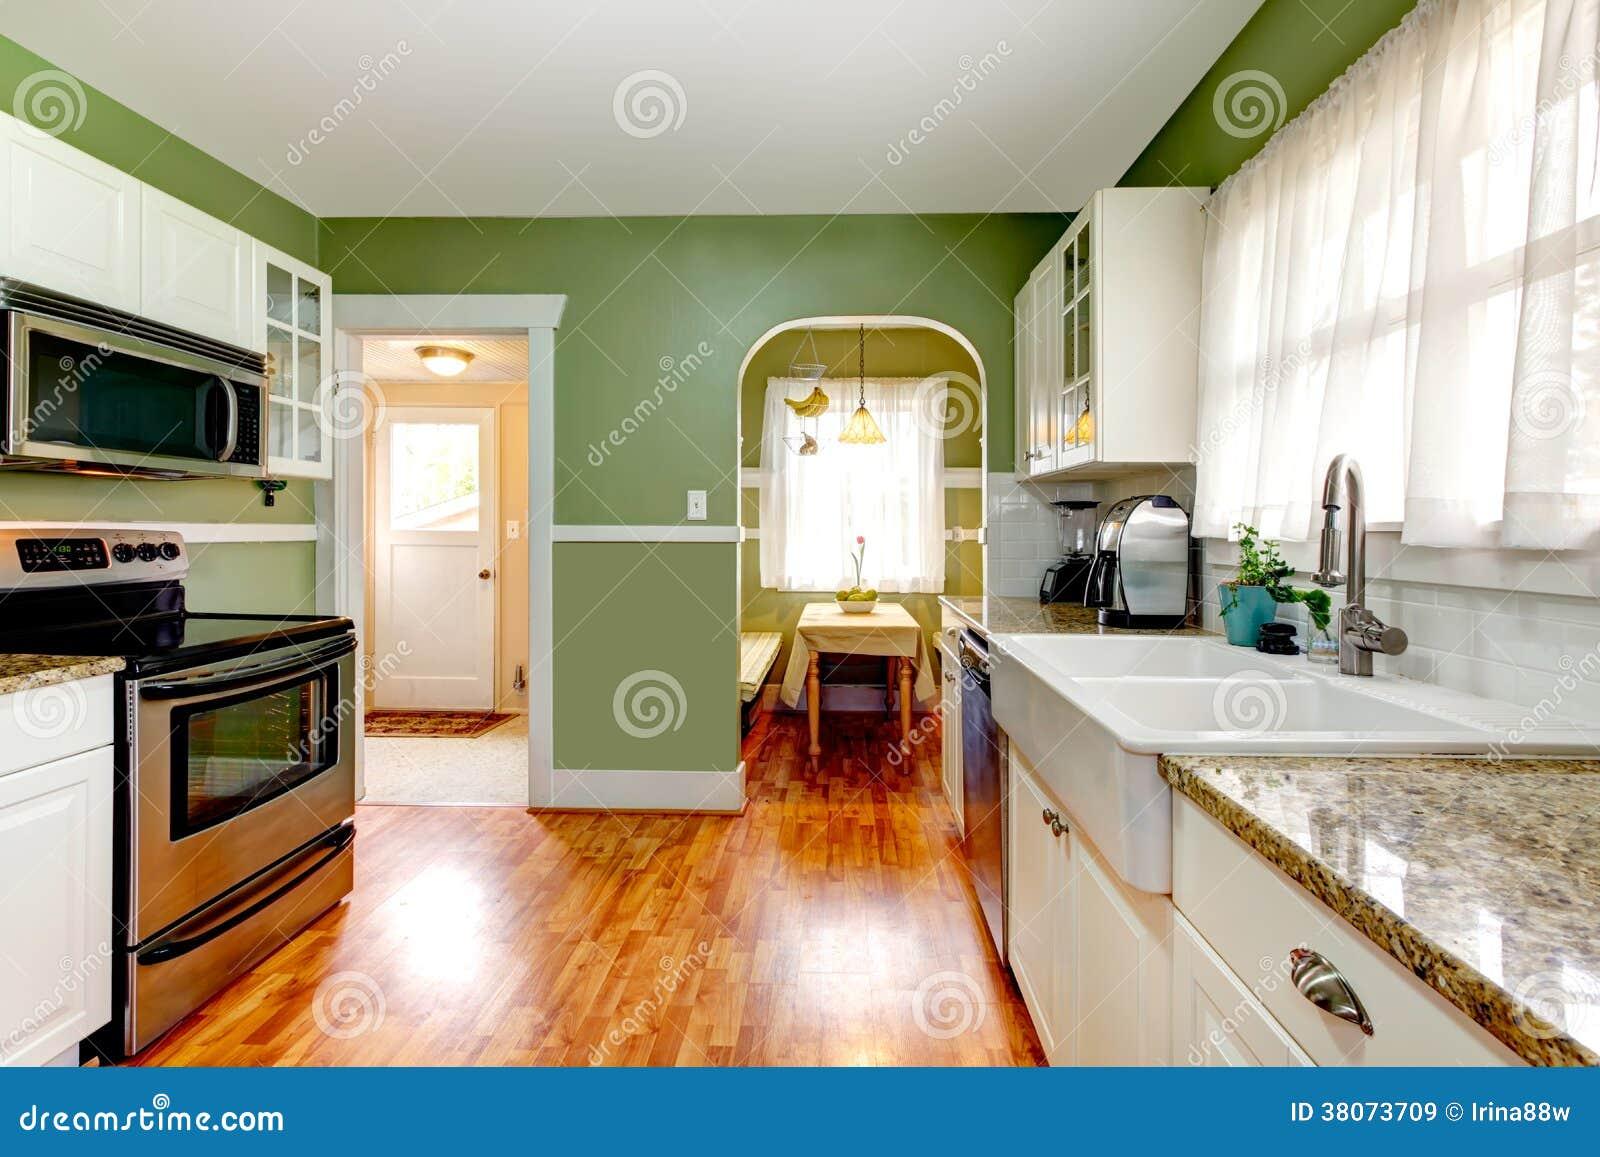 Cucina febal verde : cucina febal verde. febal cucine numero verde.